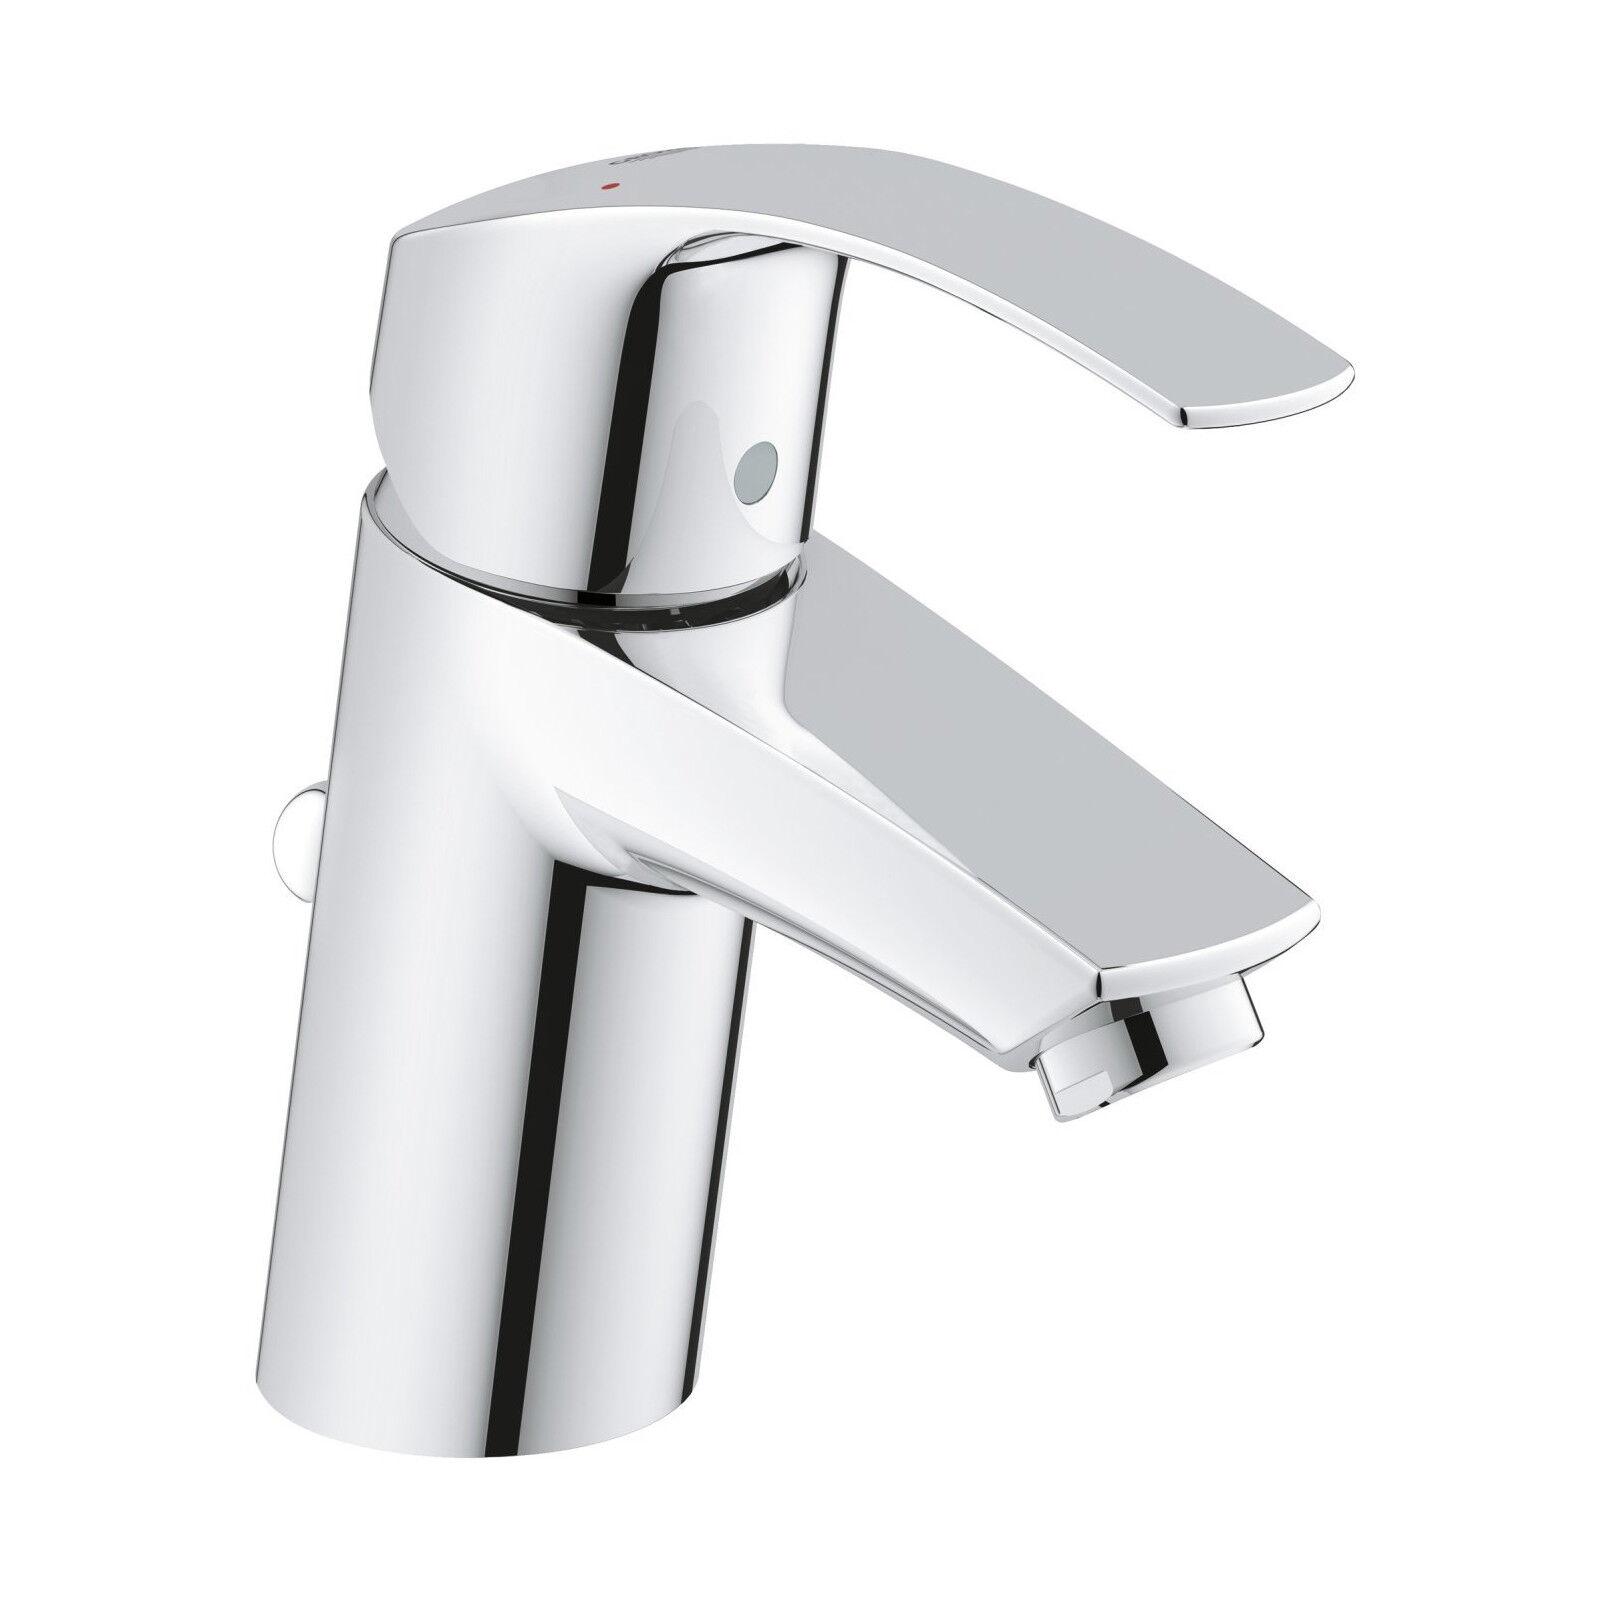 Rubinetto per lavabo con piletta di scarico inclusa Eurosmart New taglia S